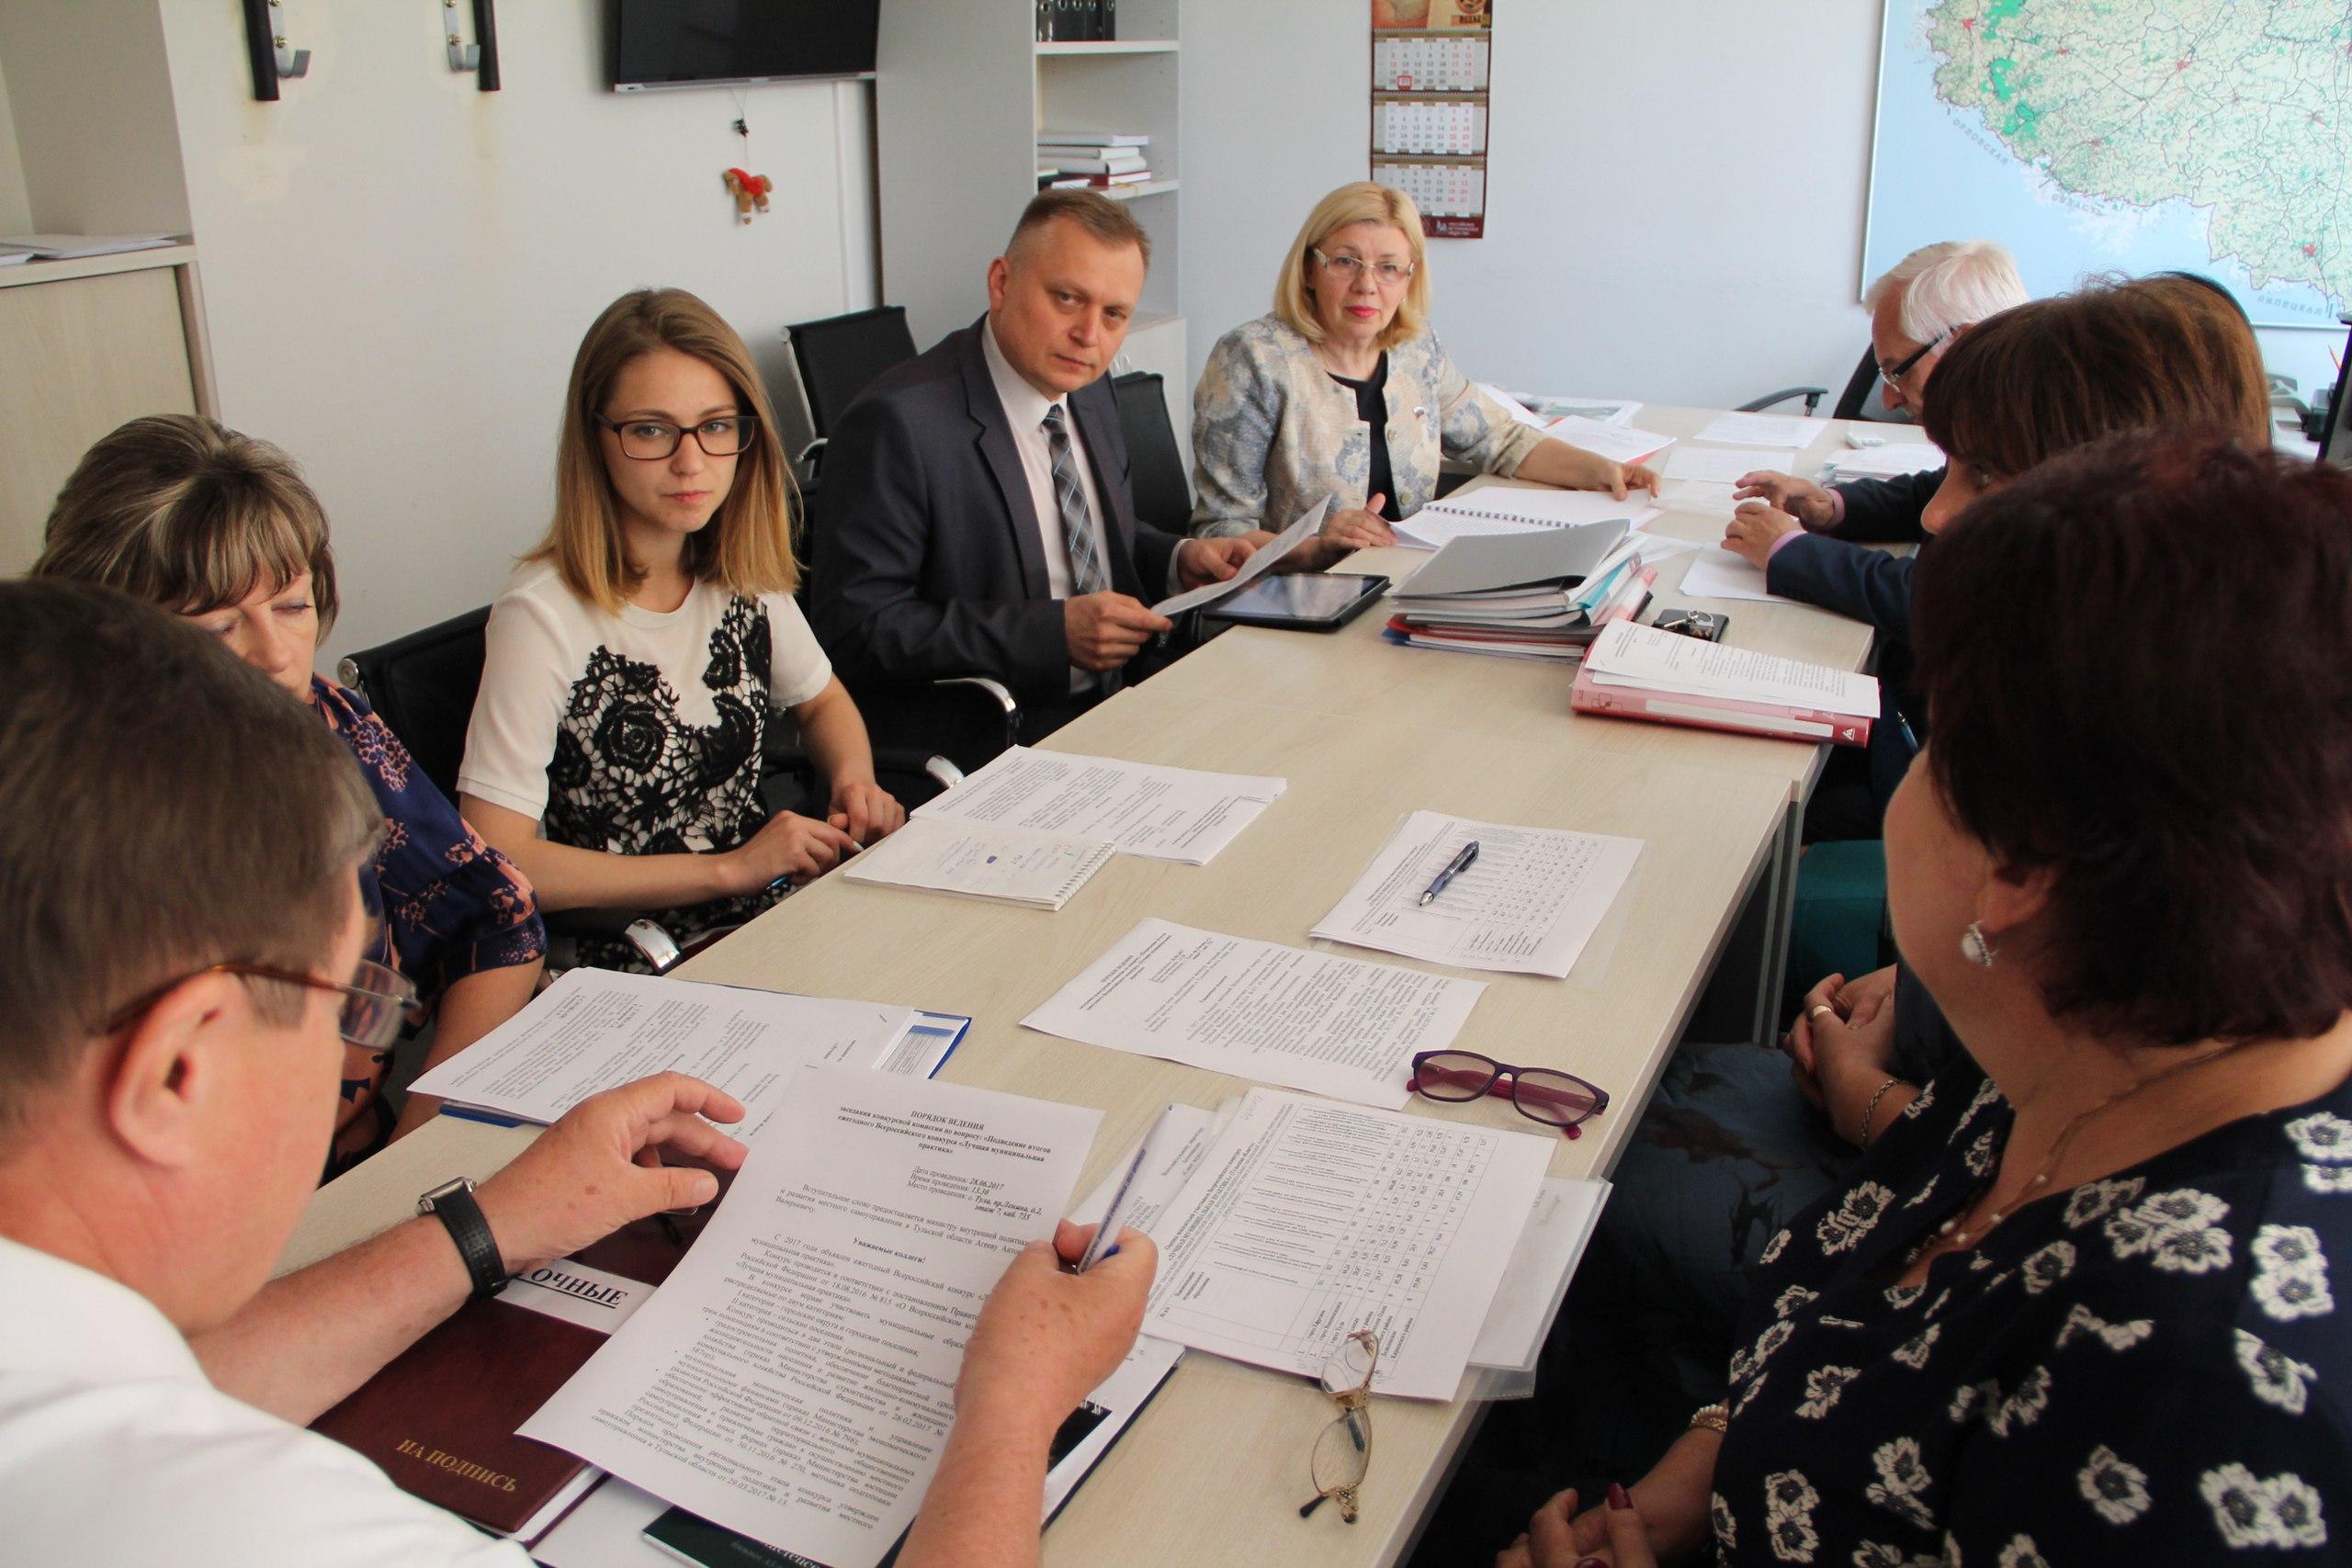 Узловая примет участие в федеральном конкурсе на лучшую муниципальную практику